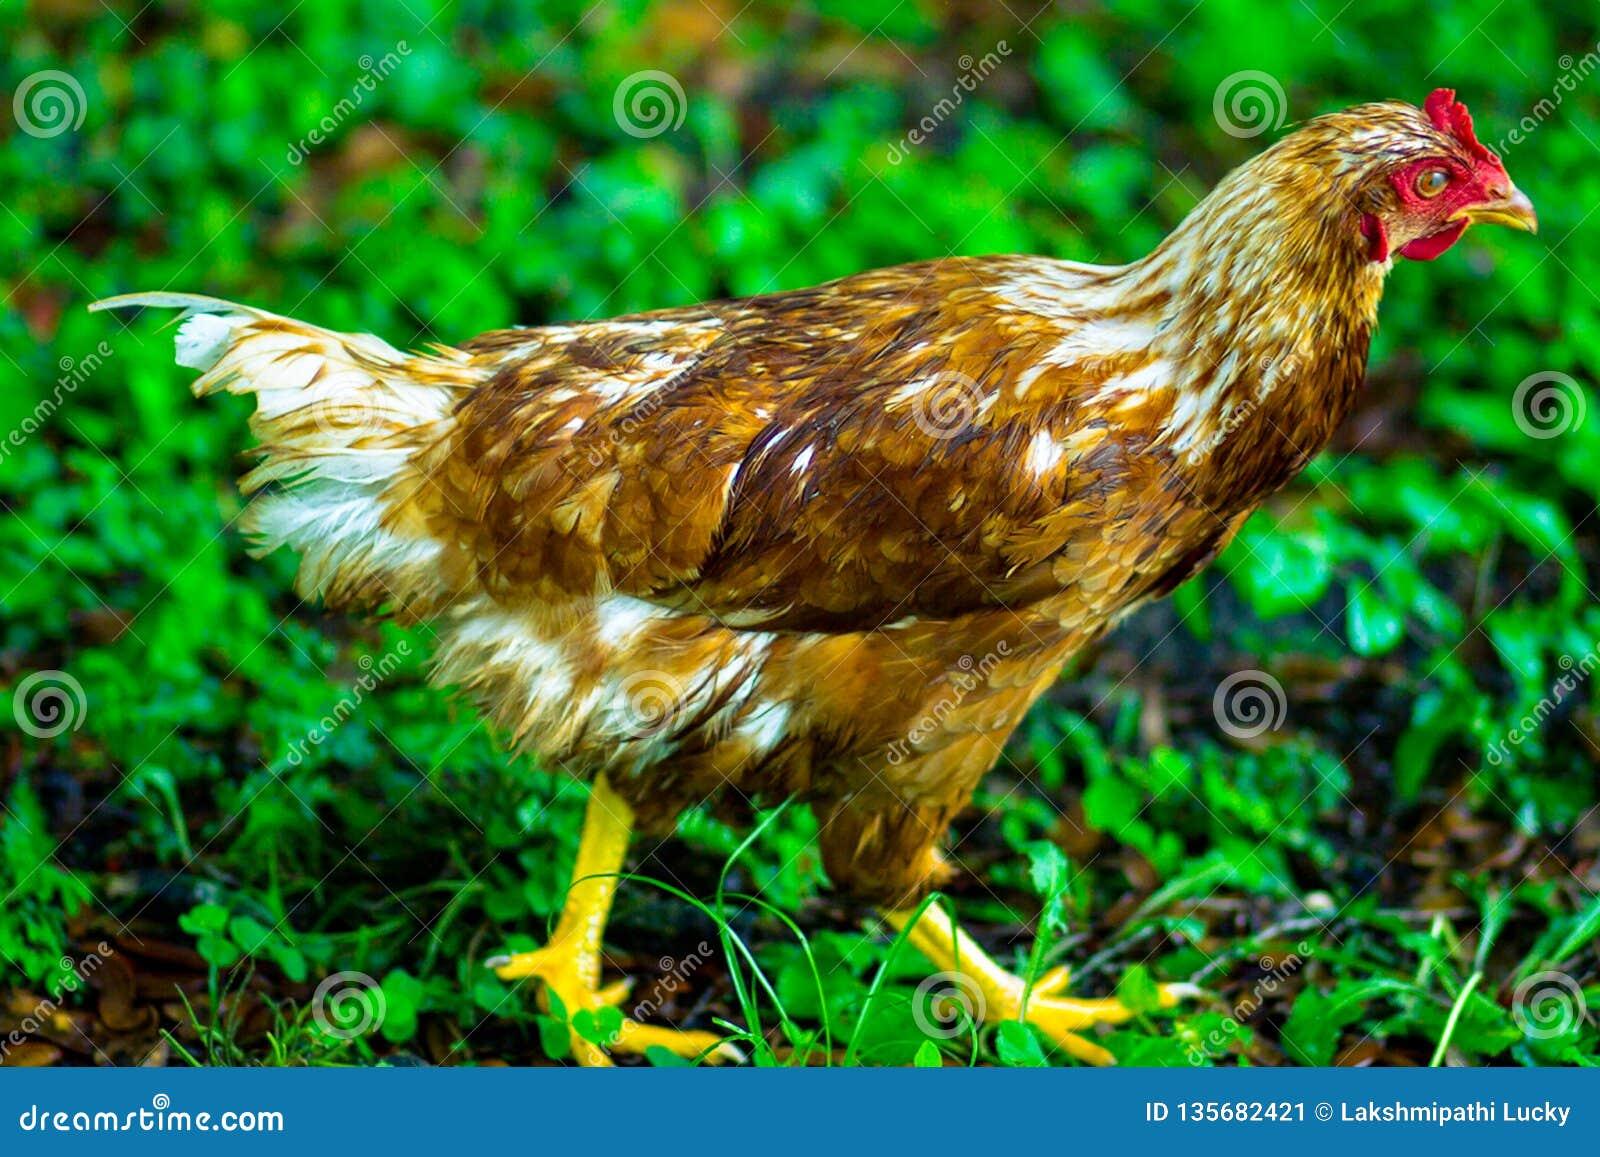 Chicken hen face closeup body nature